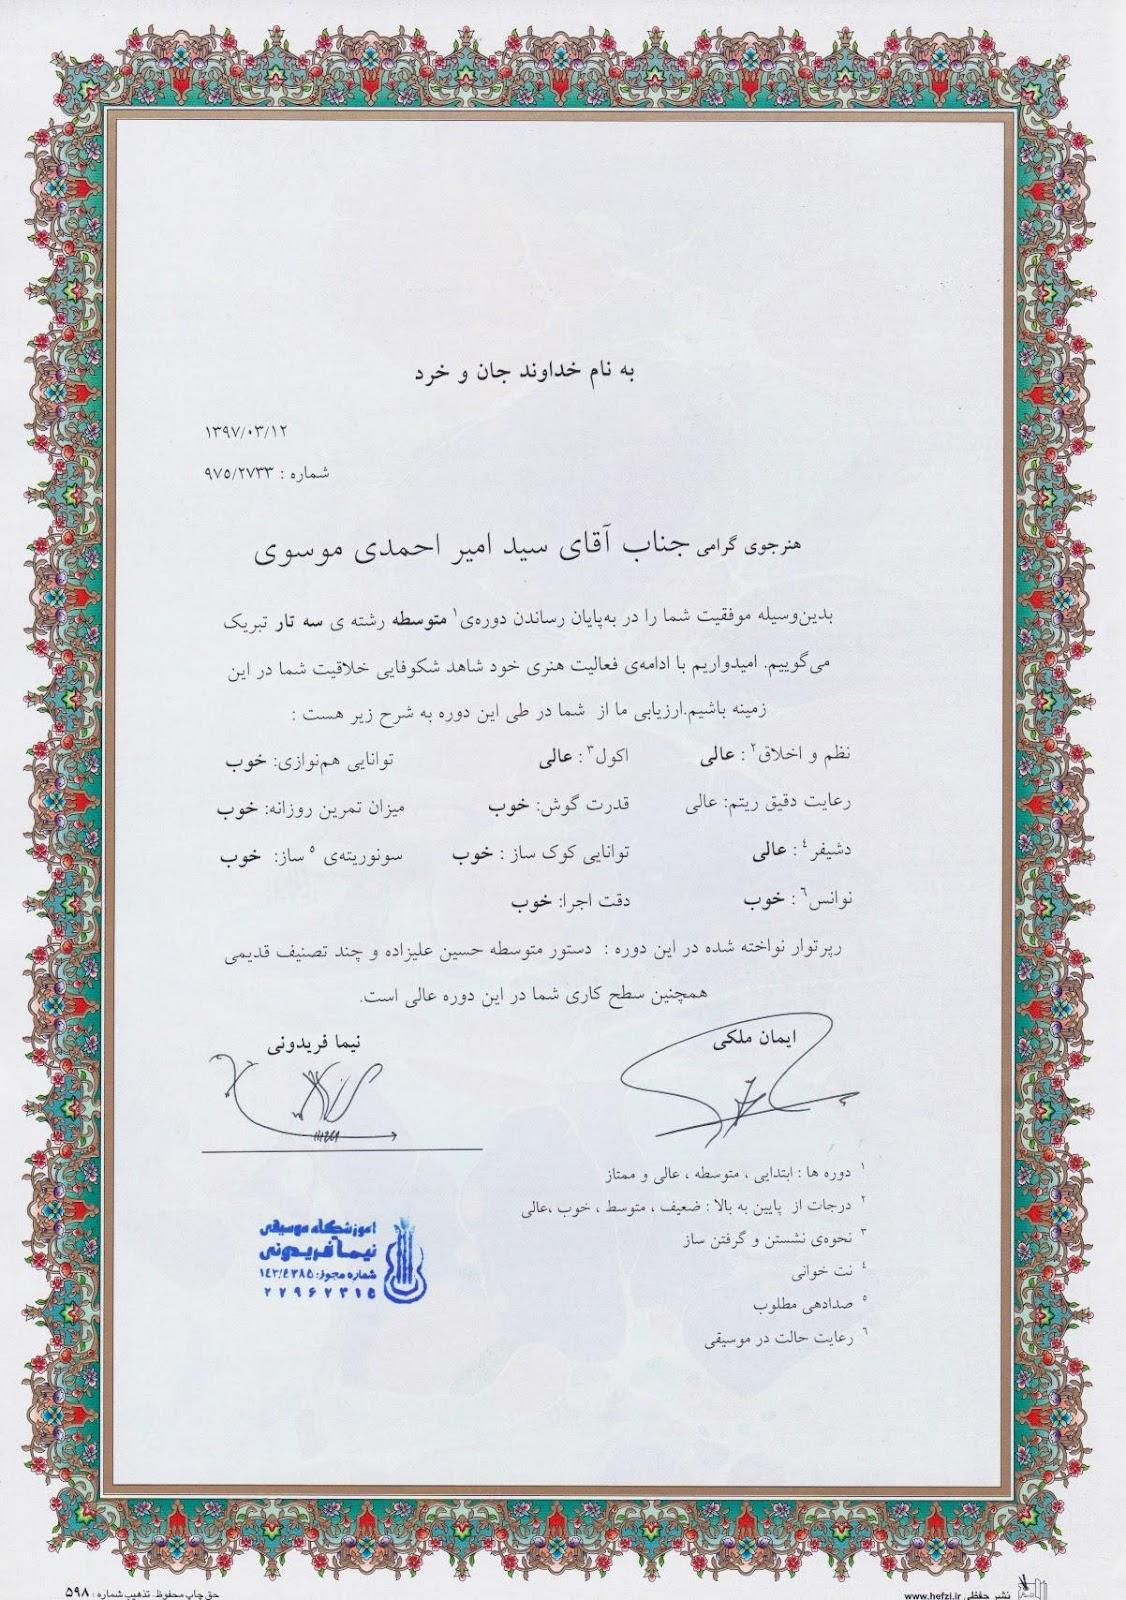 گواهینامهی پایاندورهی متوسطهی سید امیر احمدی موسوی هنرجوی سهتار نیما فریدونی